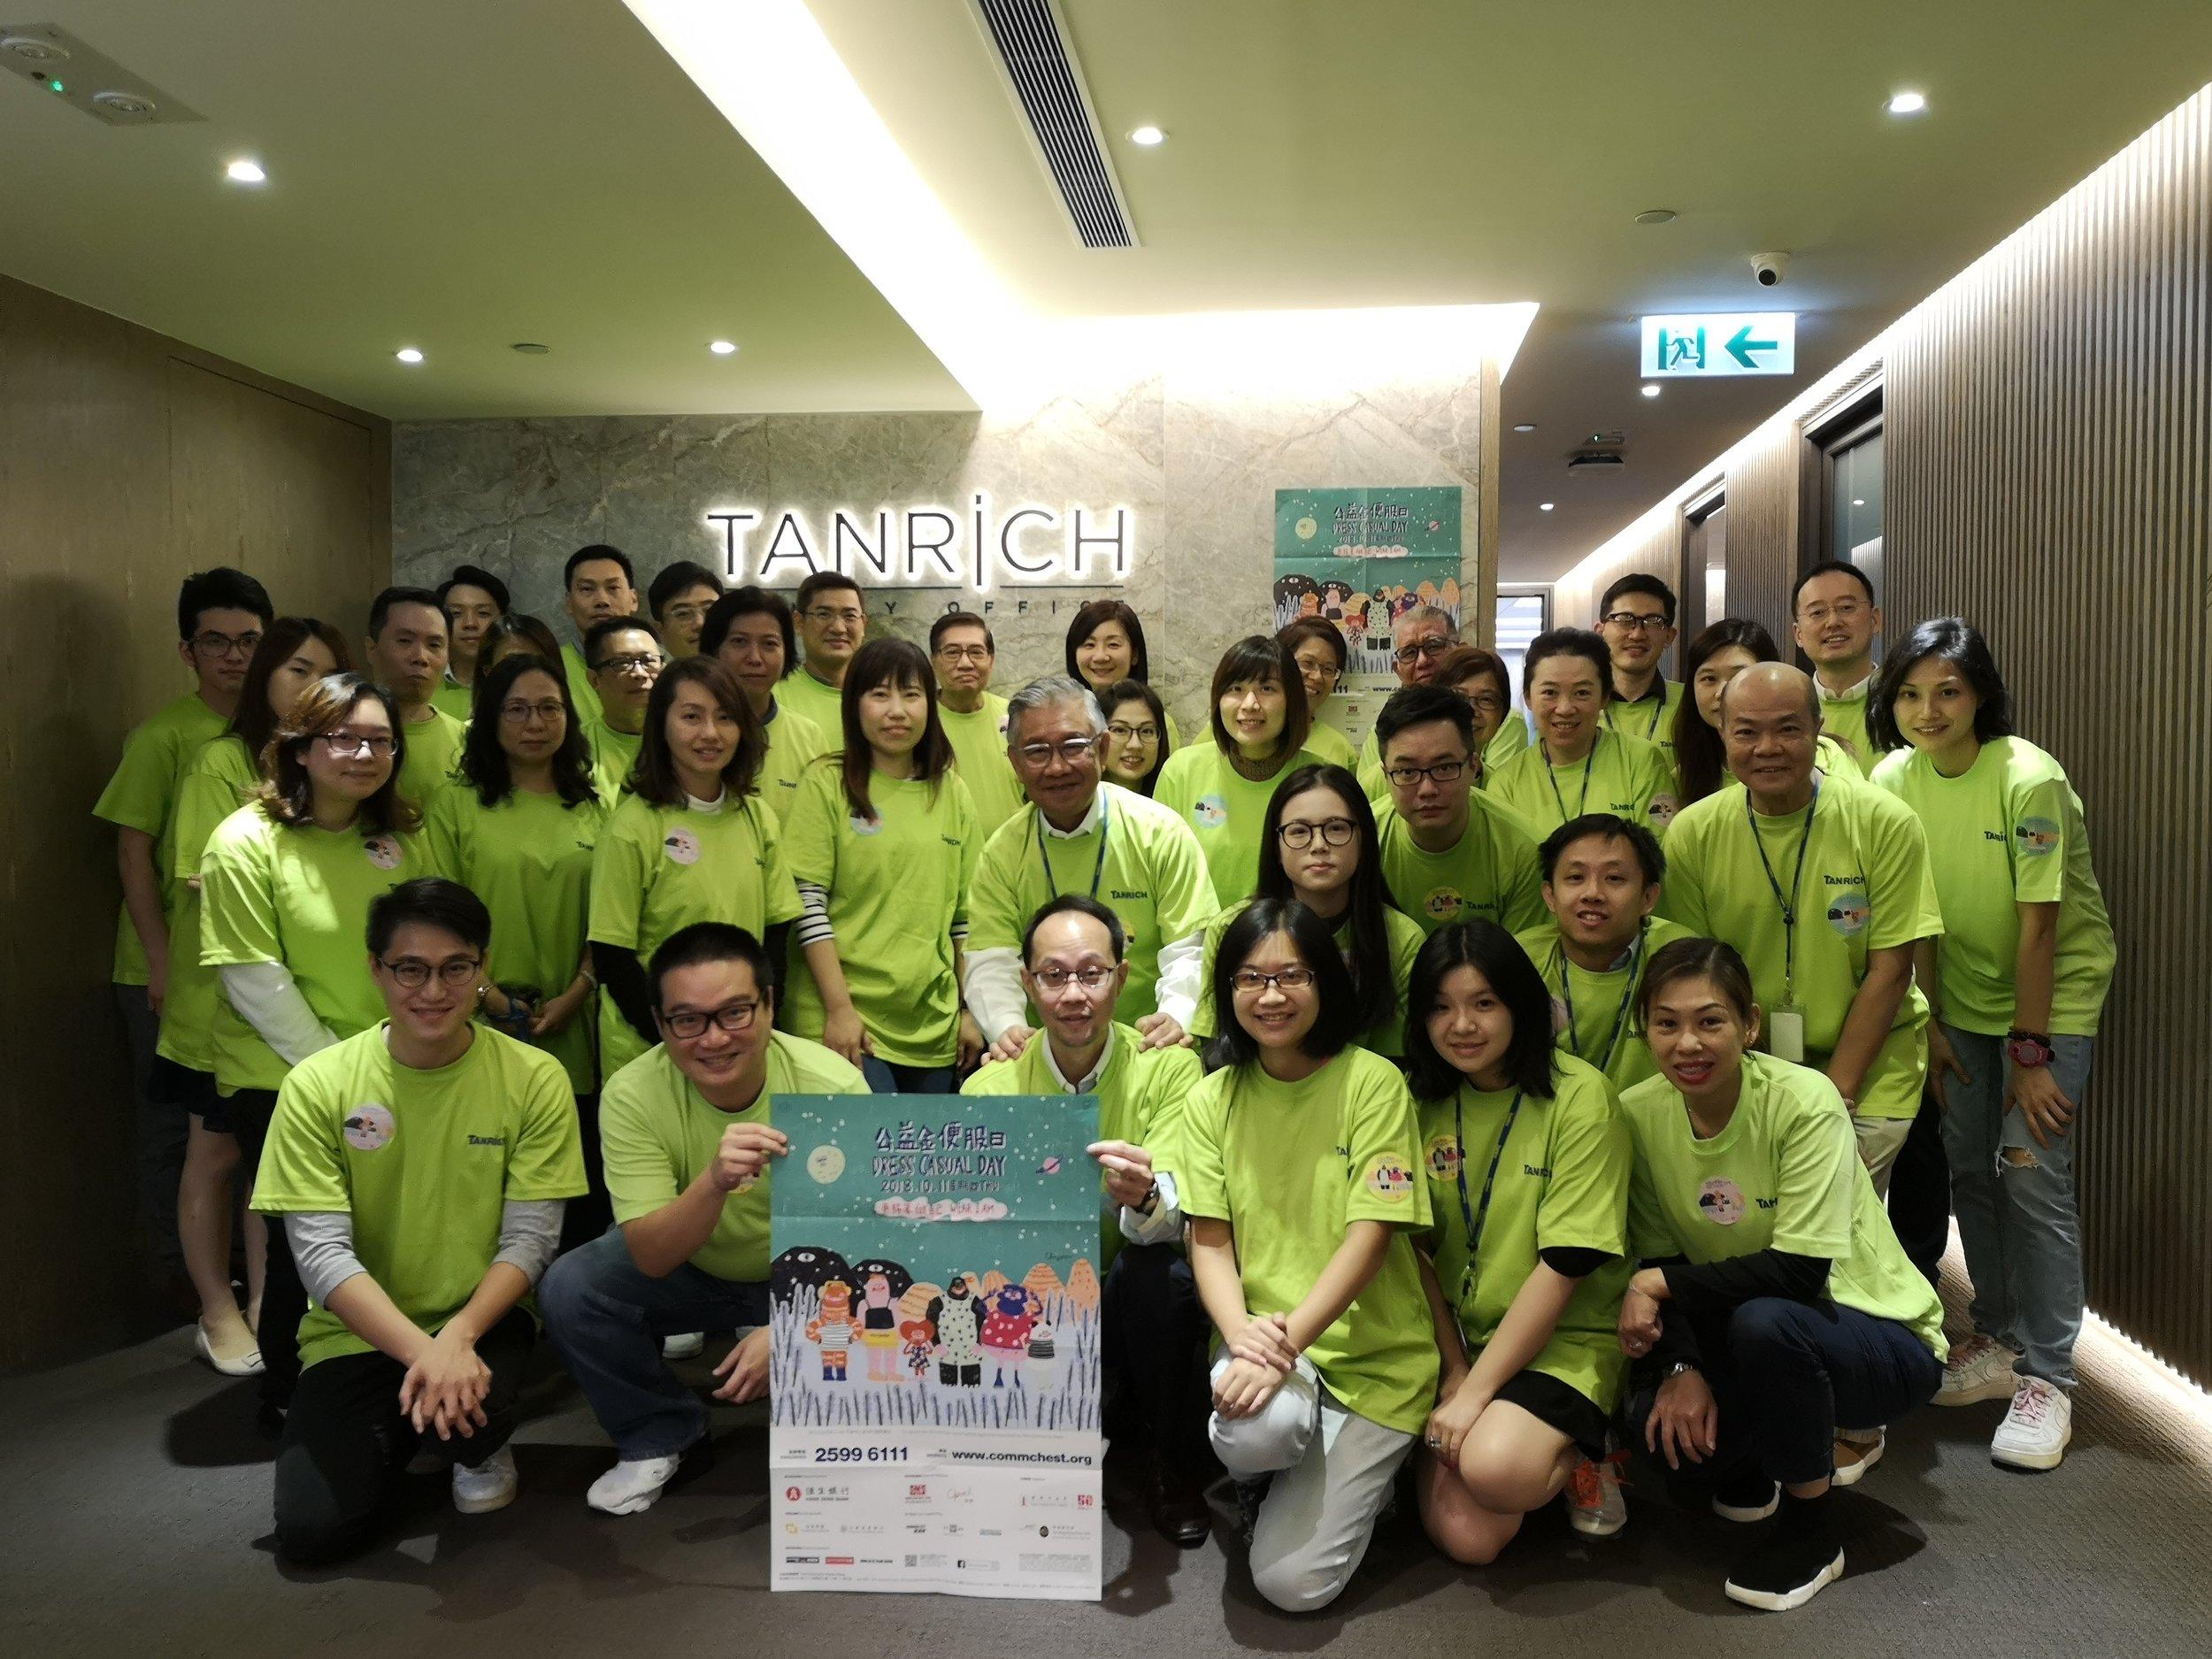 敦沛集团老板及员工上下一心参加是次活动,见到每个参加者精神斗斗、笑容满脸,开心地大合照!